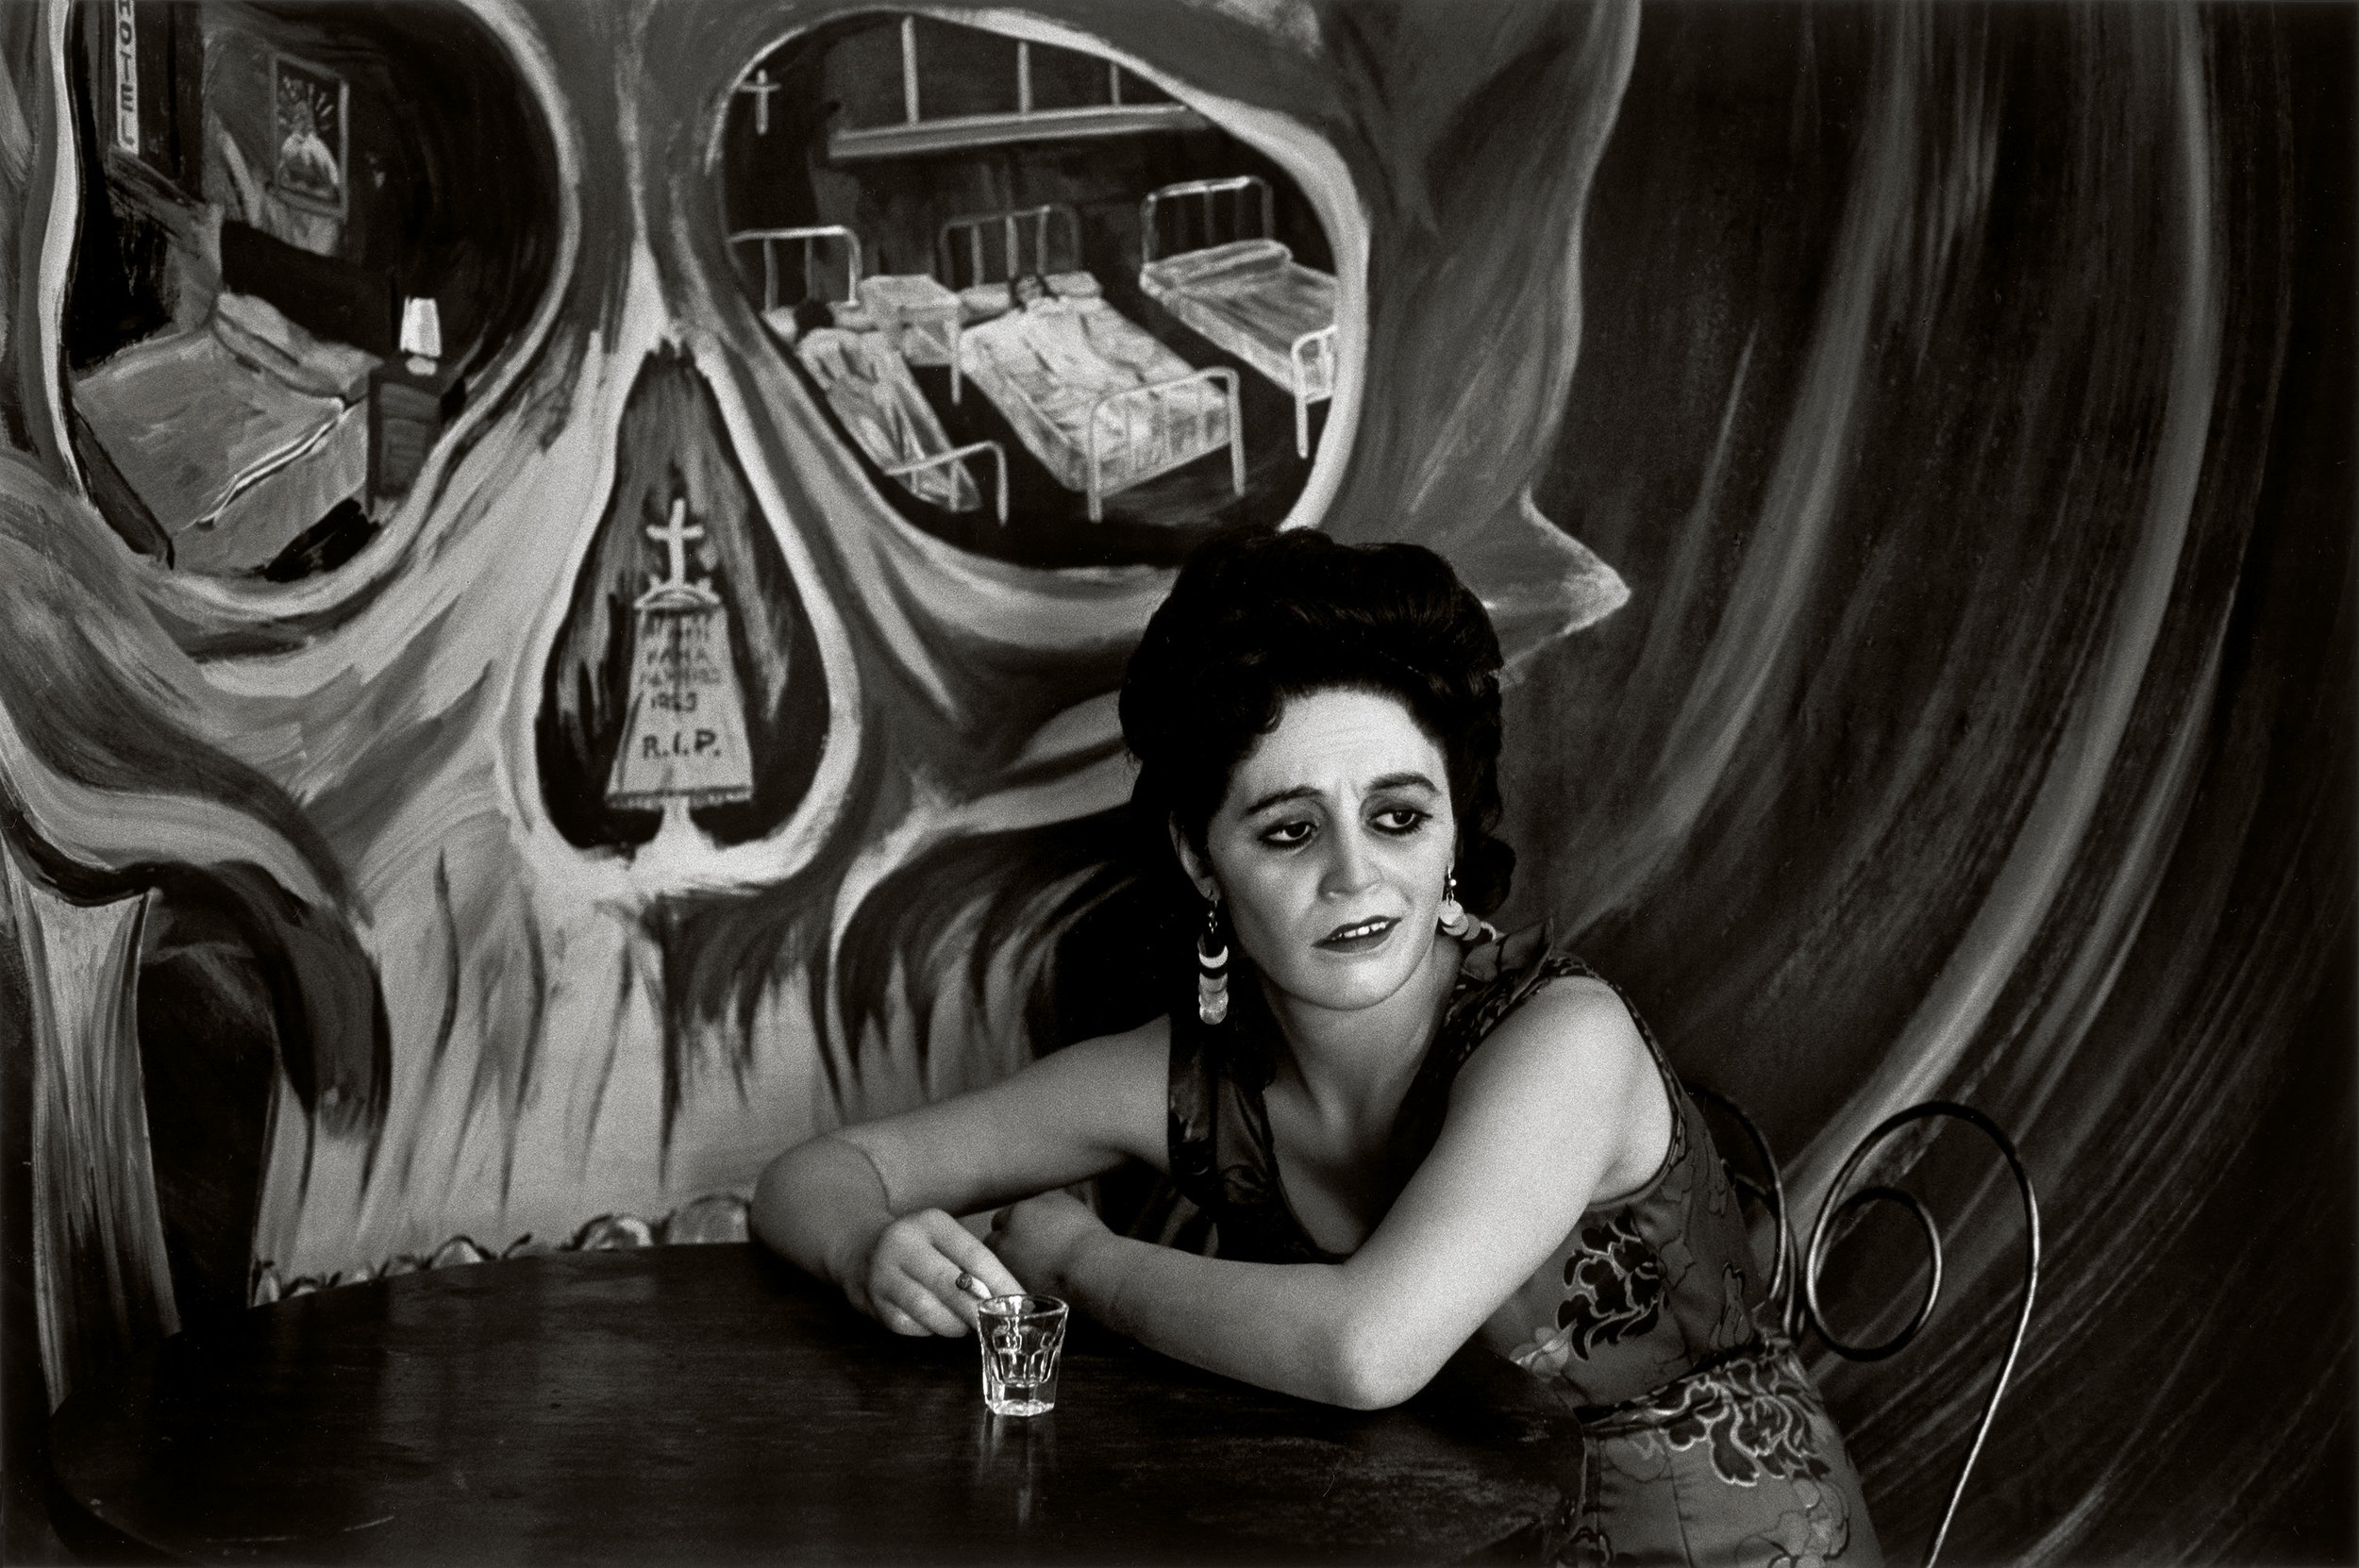 México, 1969 © Graciela Iturbide / Colecciones Fundación MAPFRE, 2019